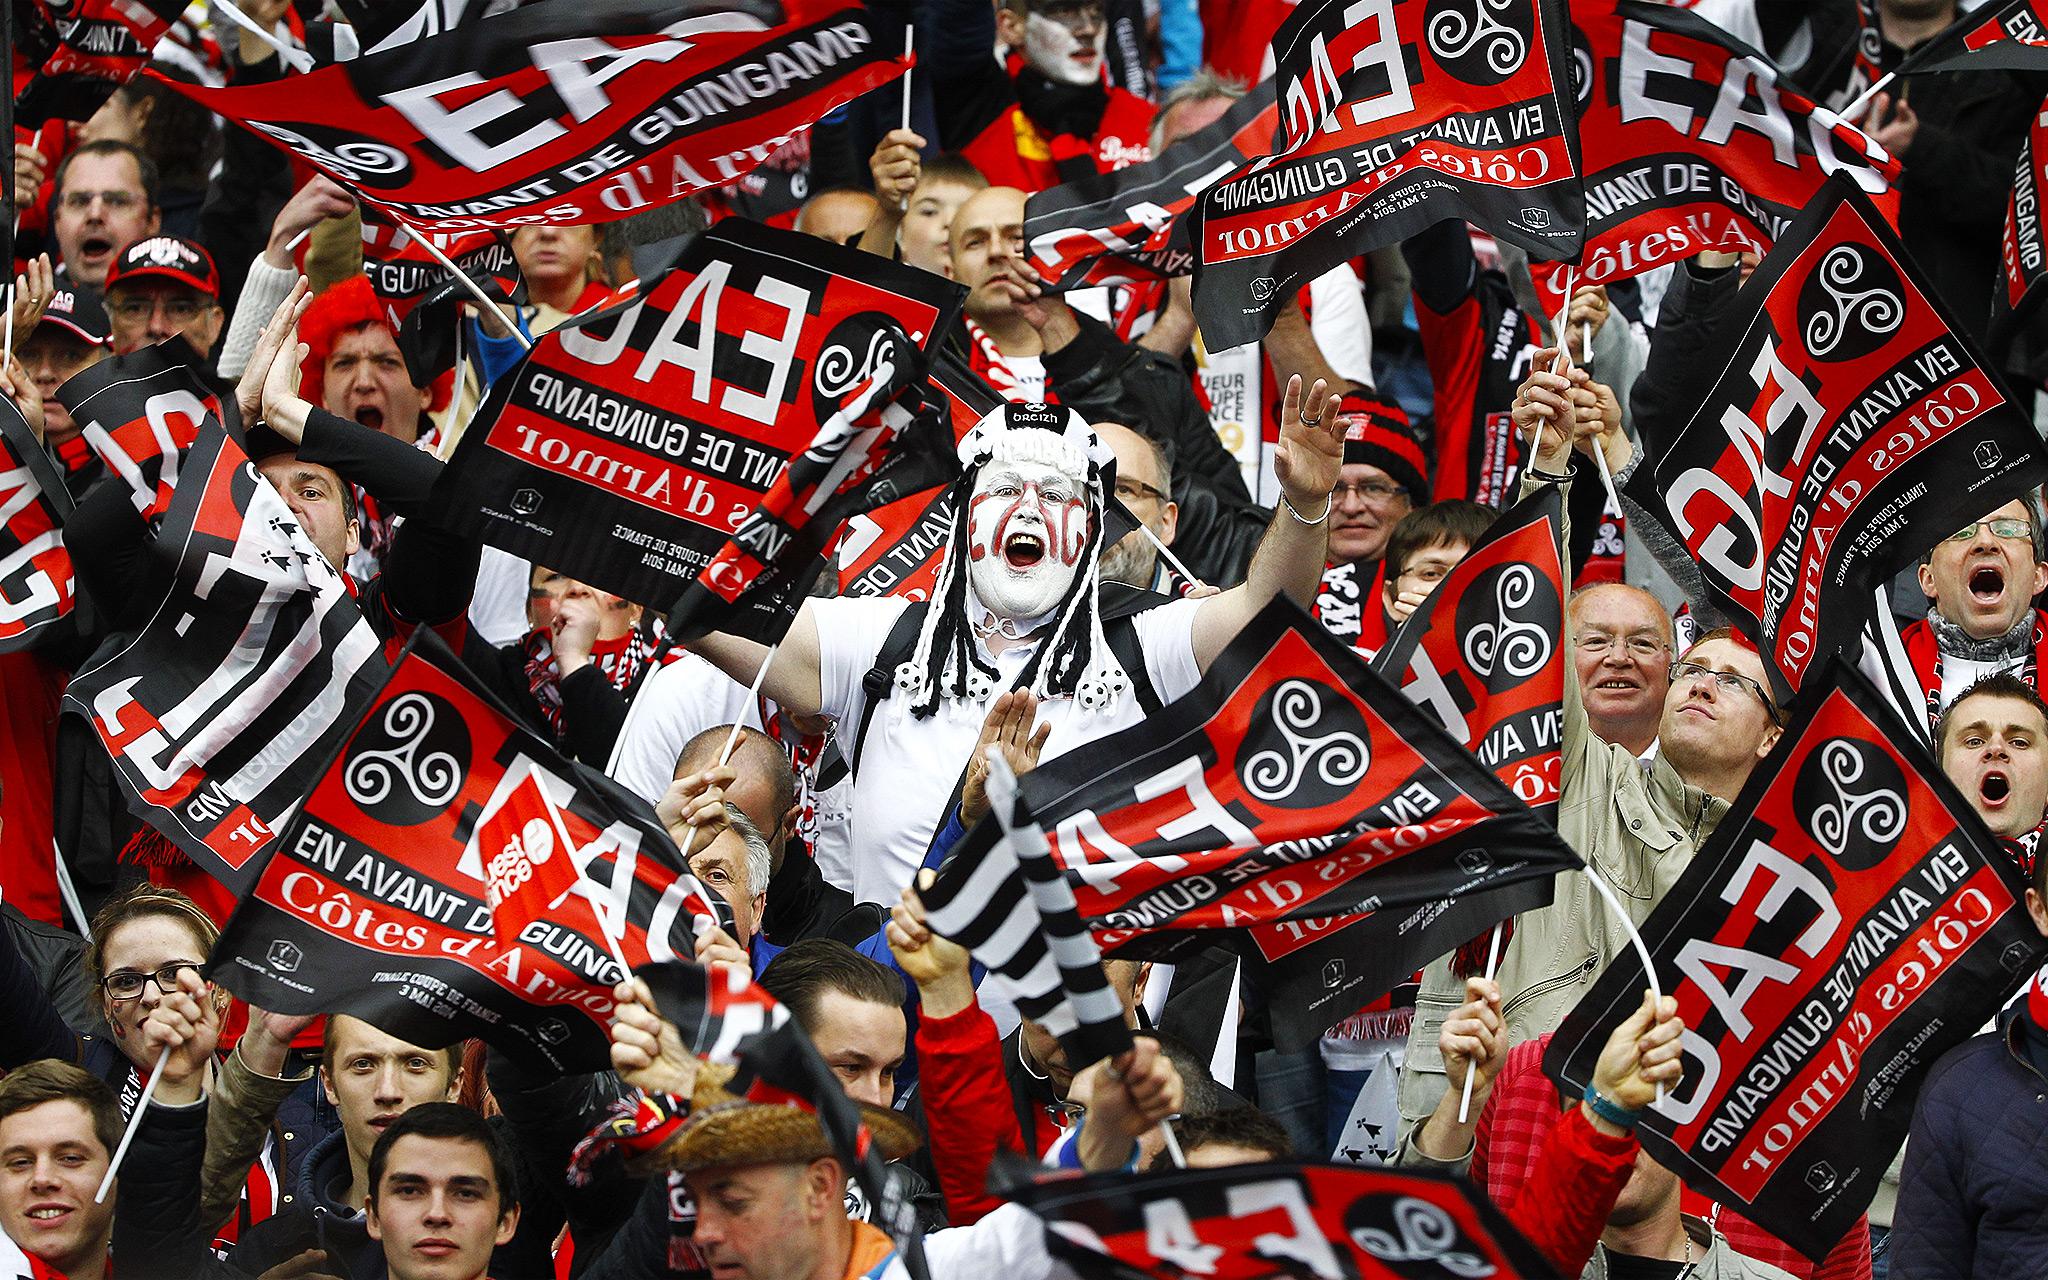 Guingamp fans